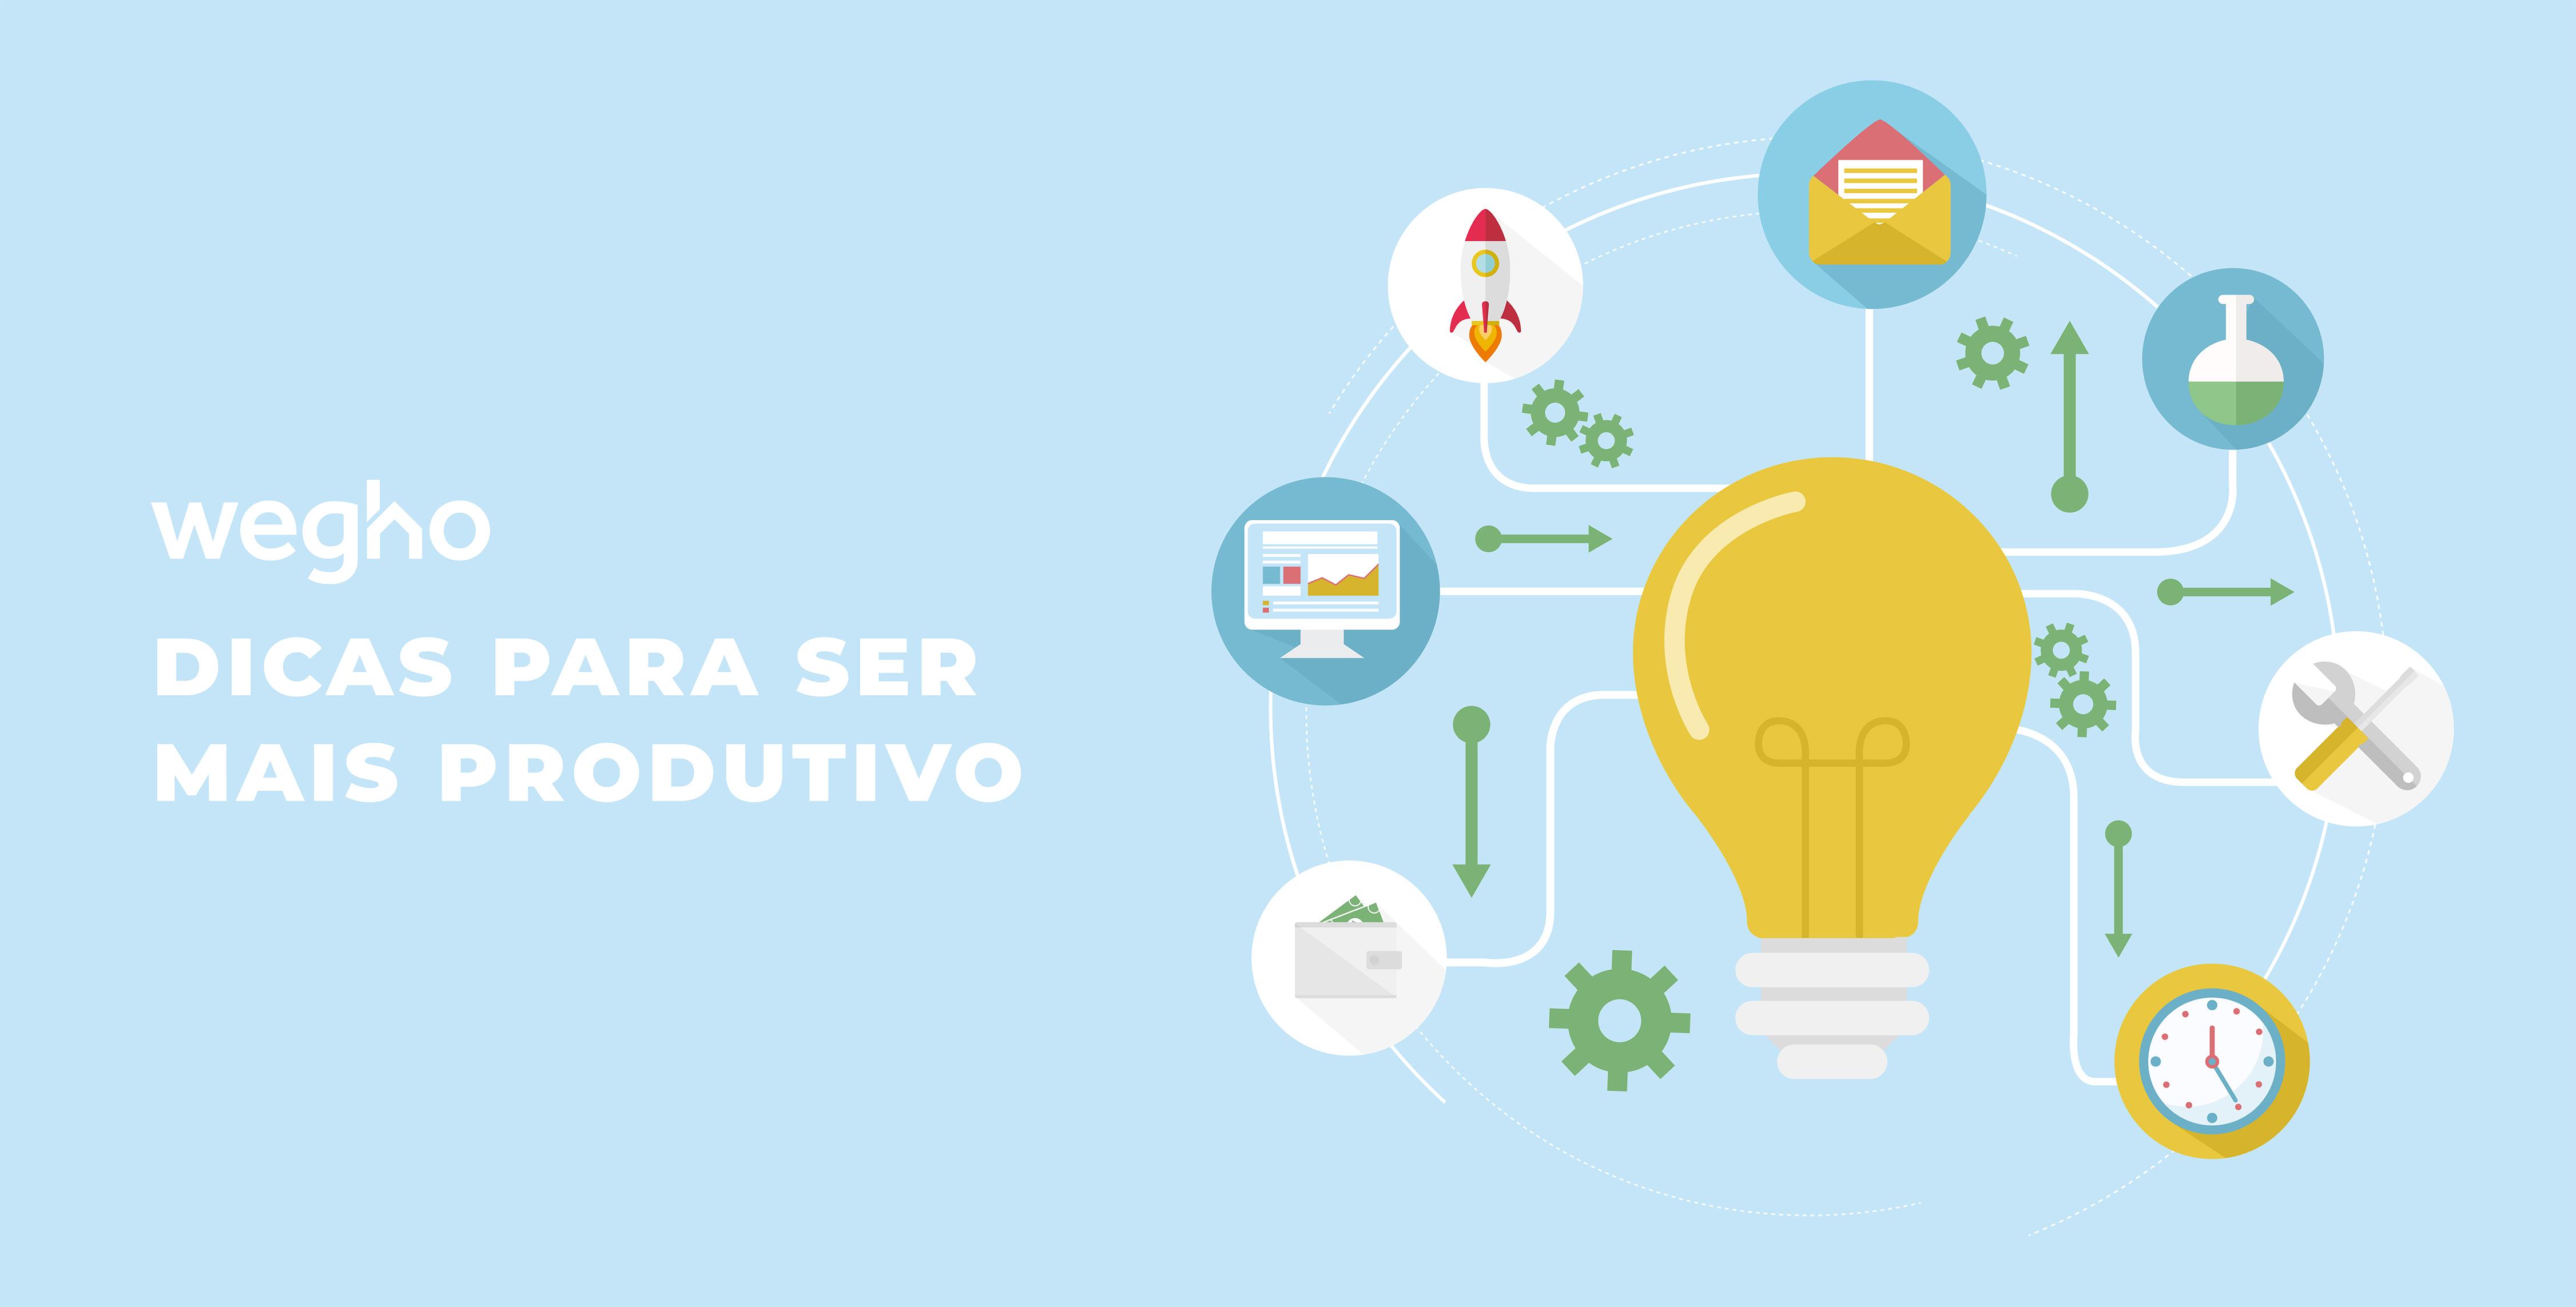 Produtividade - dicas para ser mais produtivo - gestão e organização - gestão de tempo